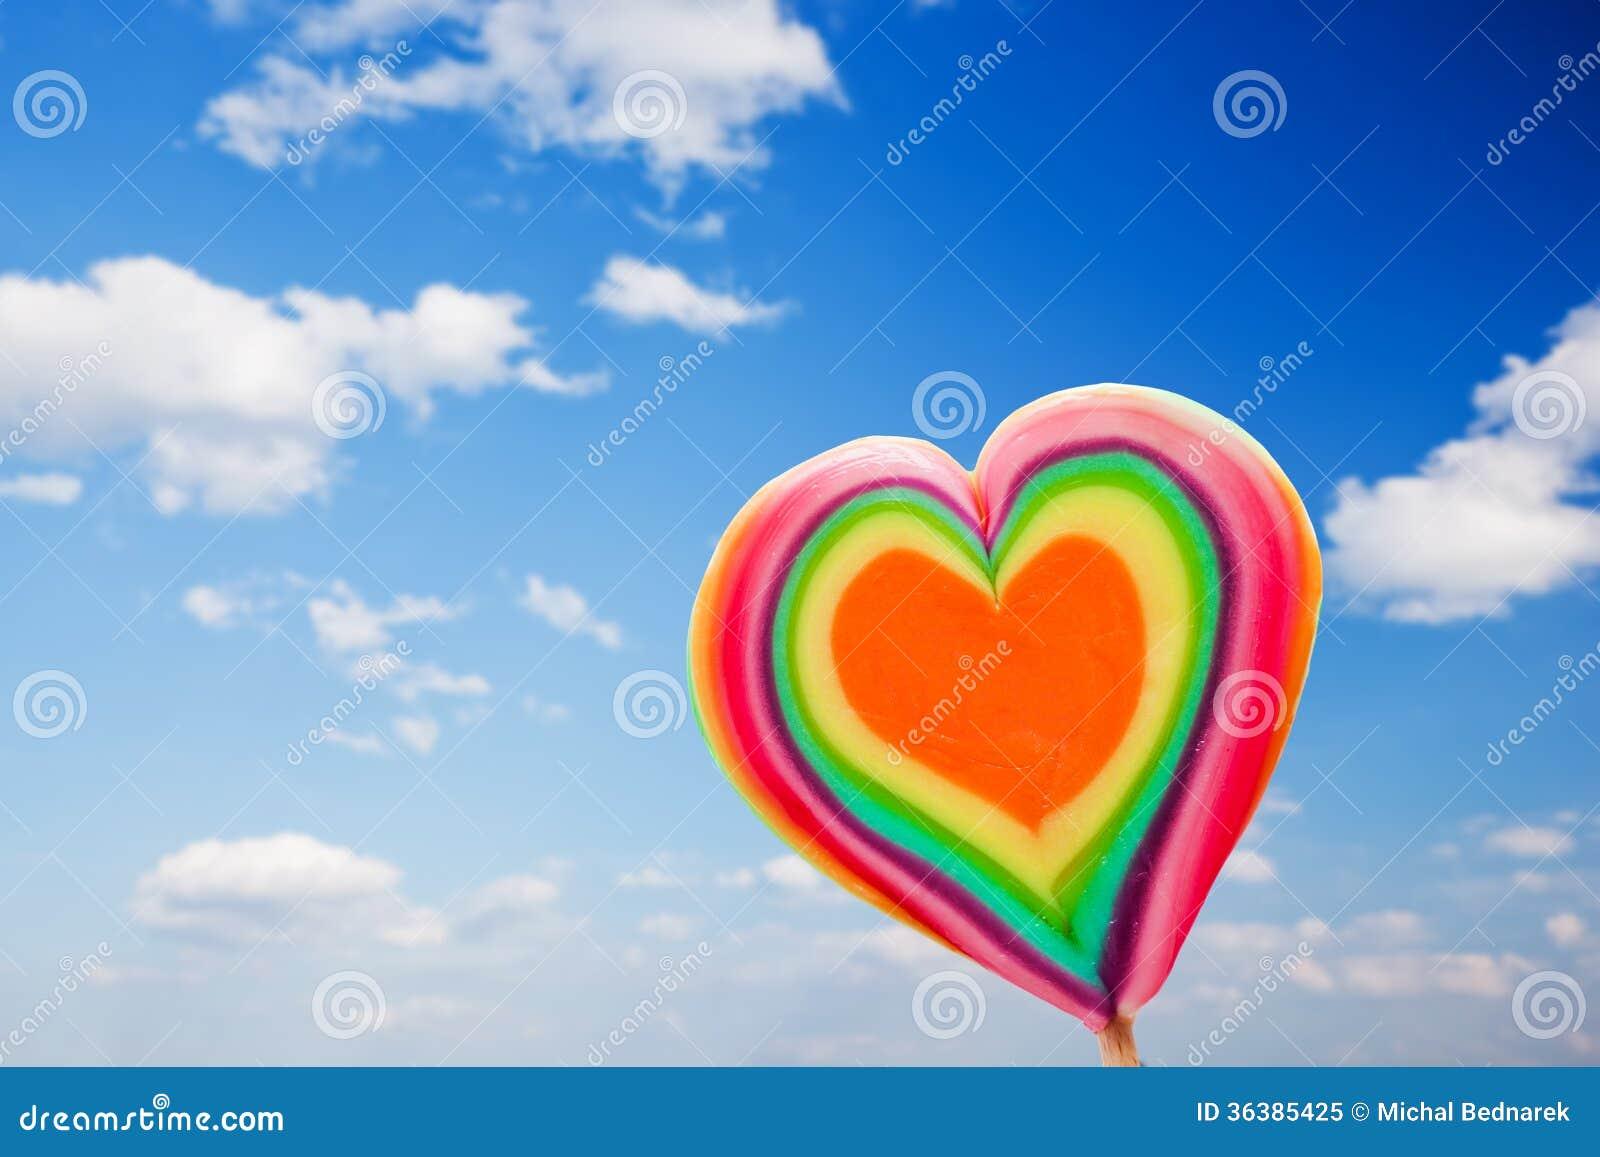 在天空背景的五颜六色的心形的棒棒糖